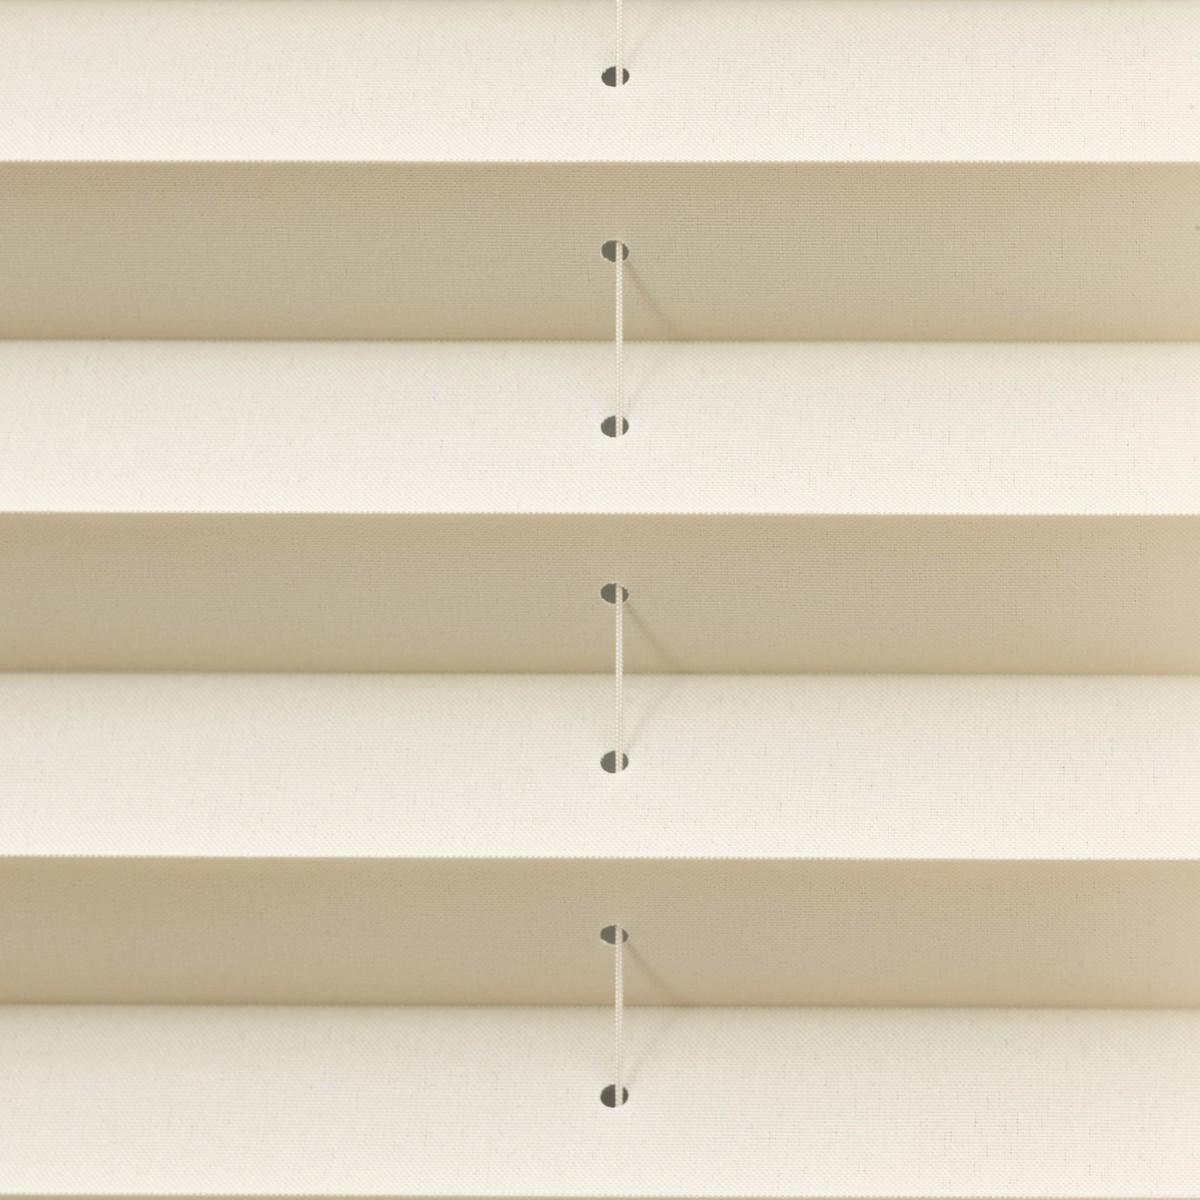 Bild 4 von Powertec Klemmfix-Plissee, ca. 130 x 80 cm, caffe latte